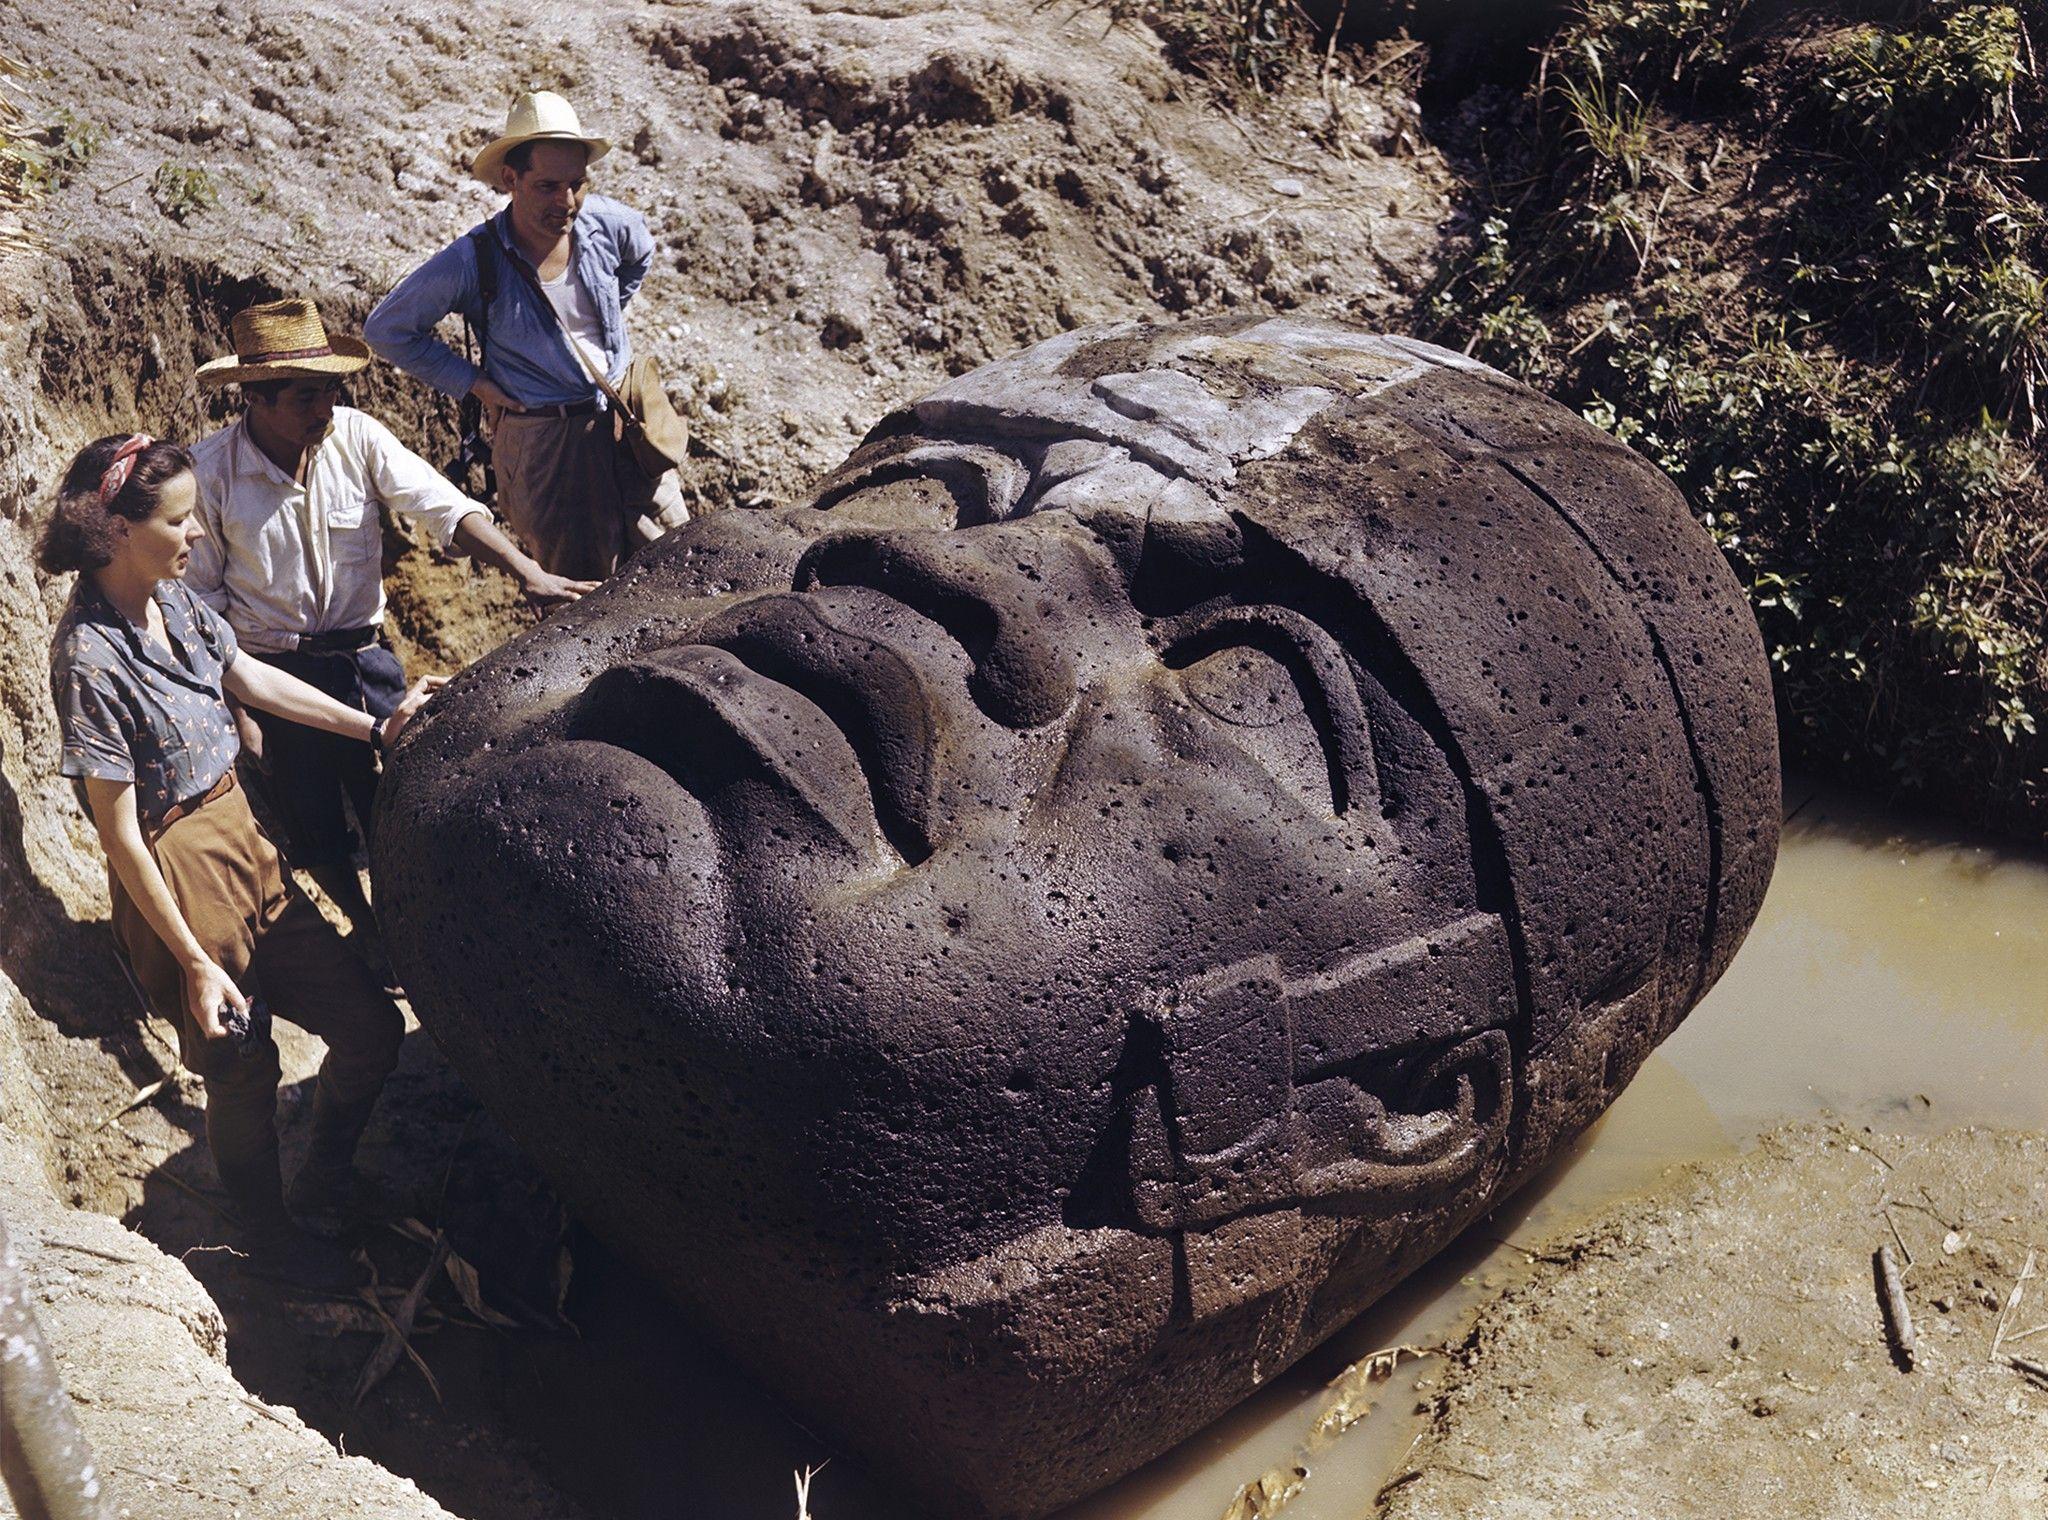 13 das mais importantes descobertas arqueológicas da história | National Geographic